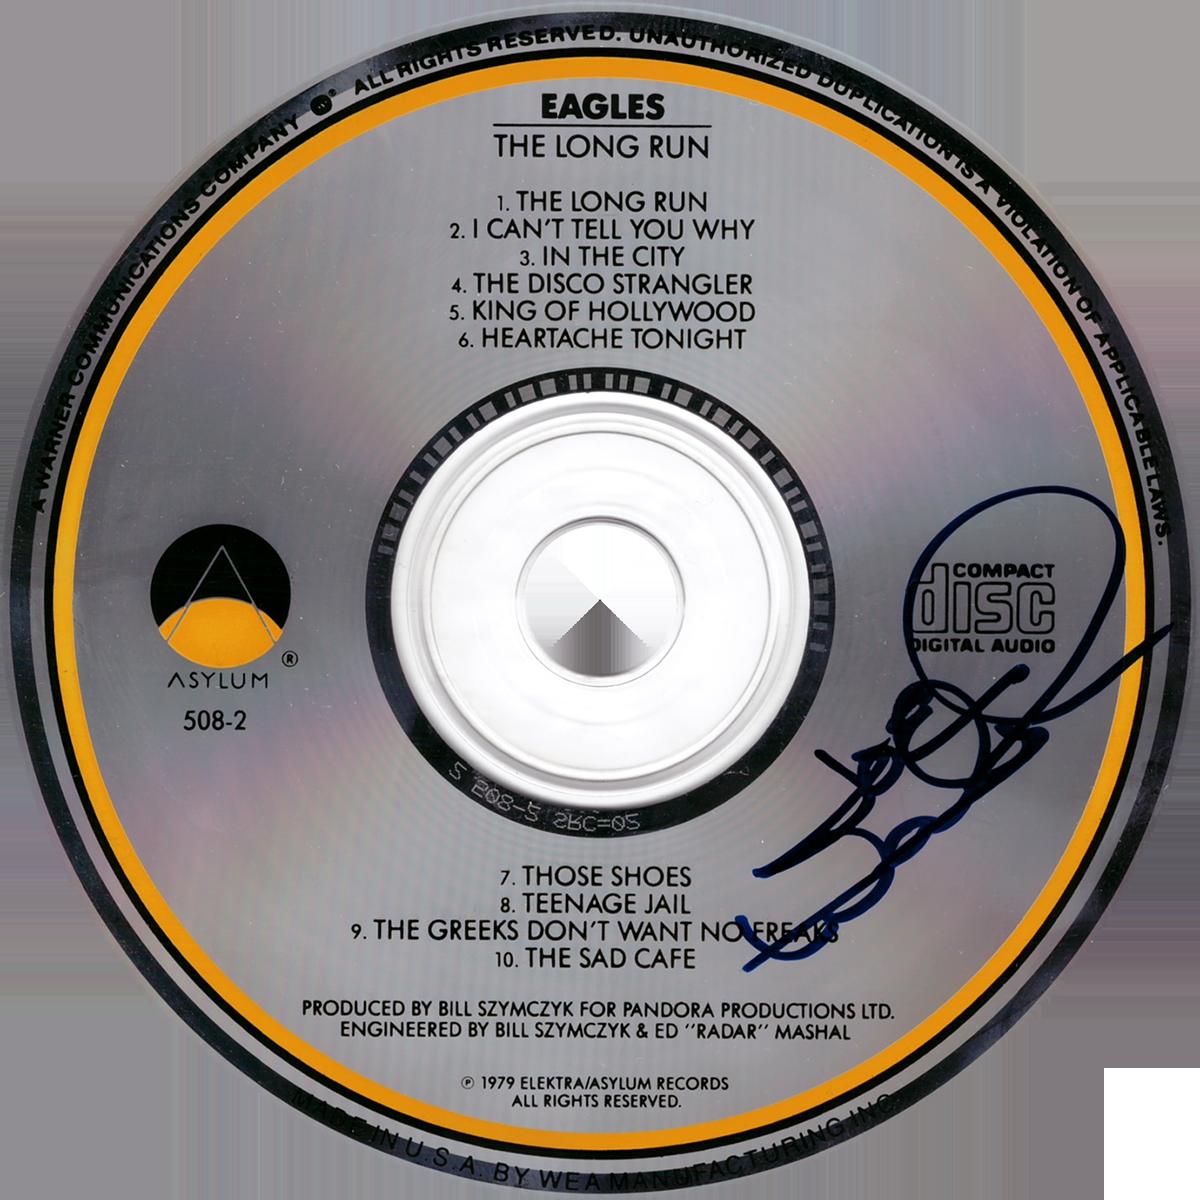 Joe Walsh CD - The Long Run